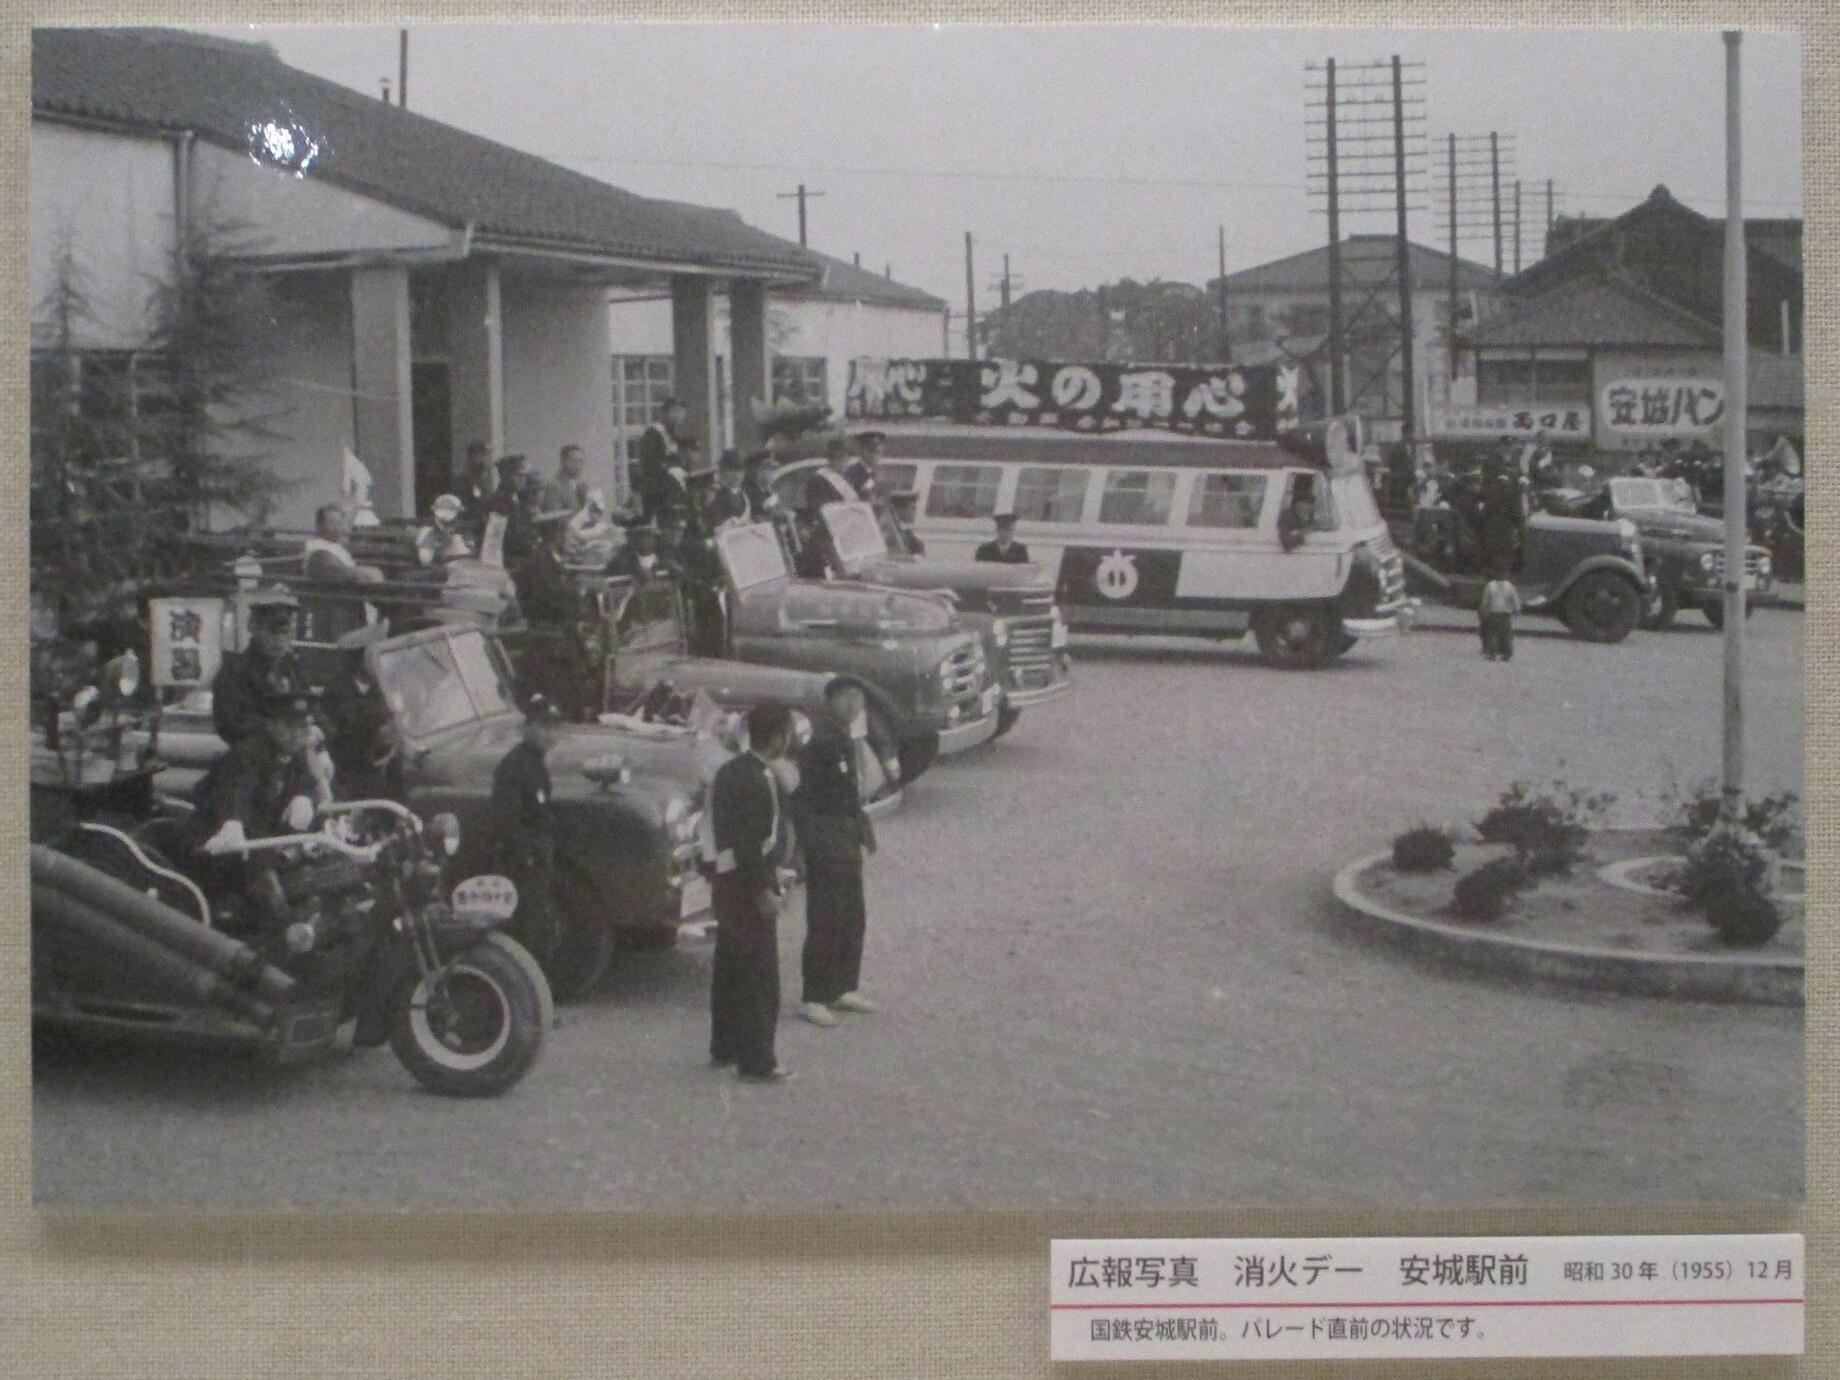 2019.4.27 (4) 消防の歴史展 - 1955年あんじょうえきまえ 1840-1380